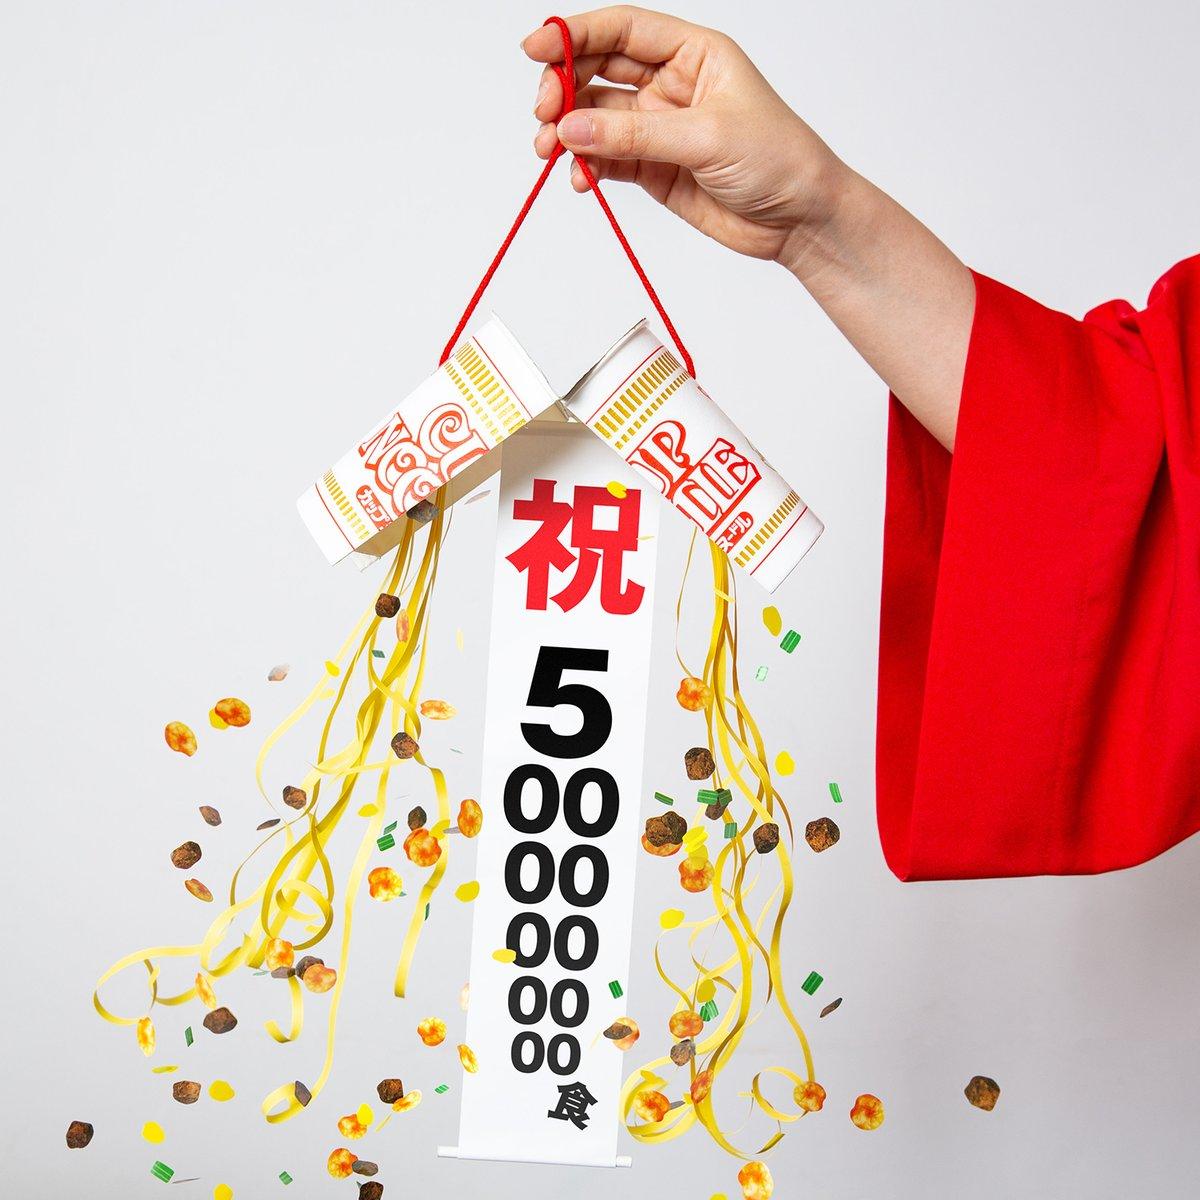 発売50周年のタイミングでカップヌードル世界累計販売50000000000食達成しました